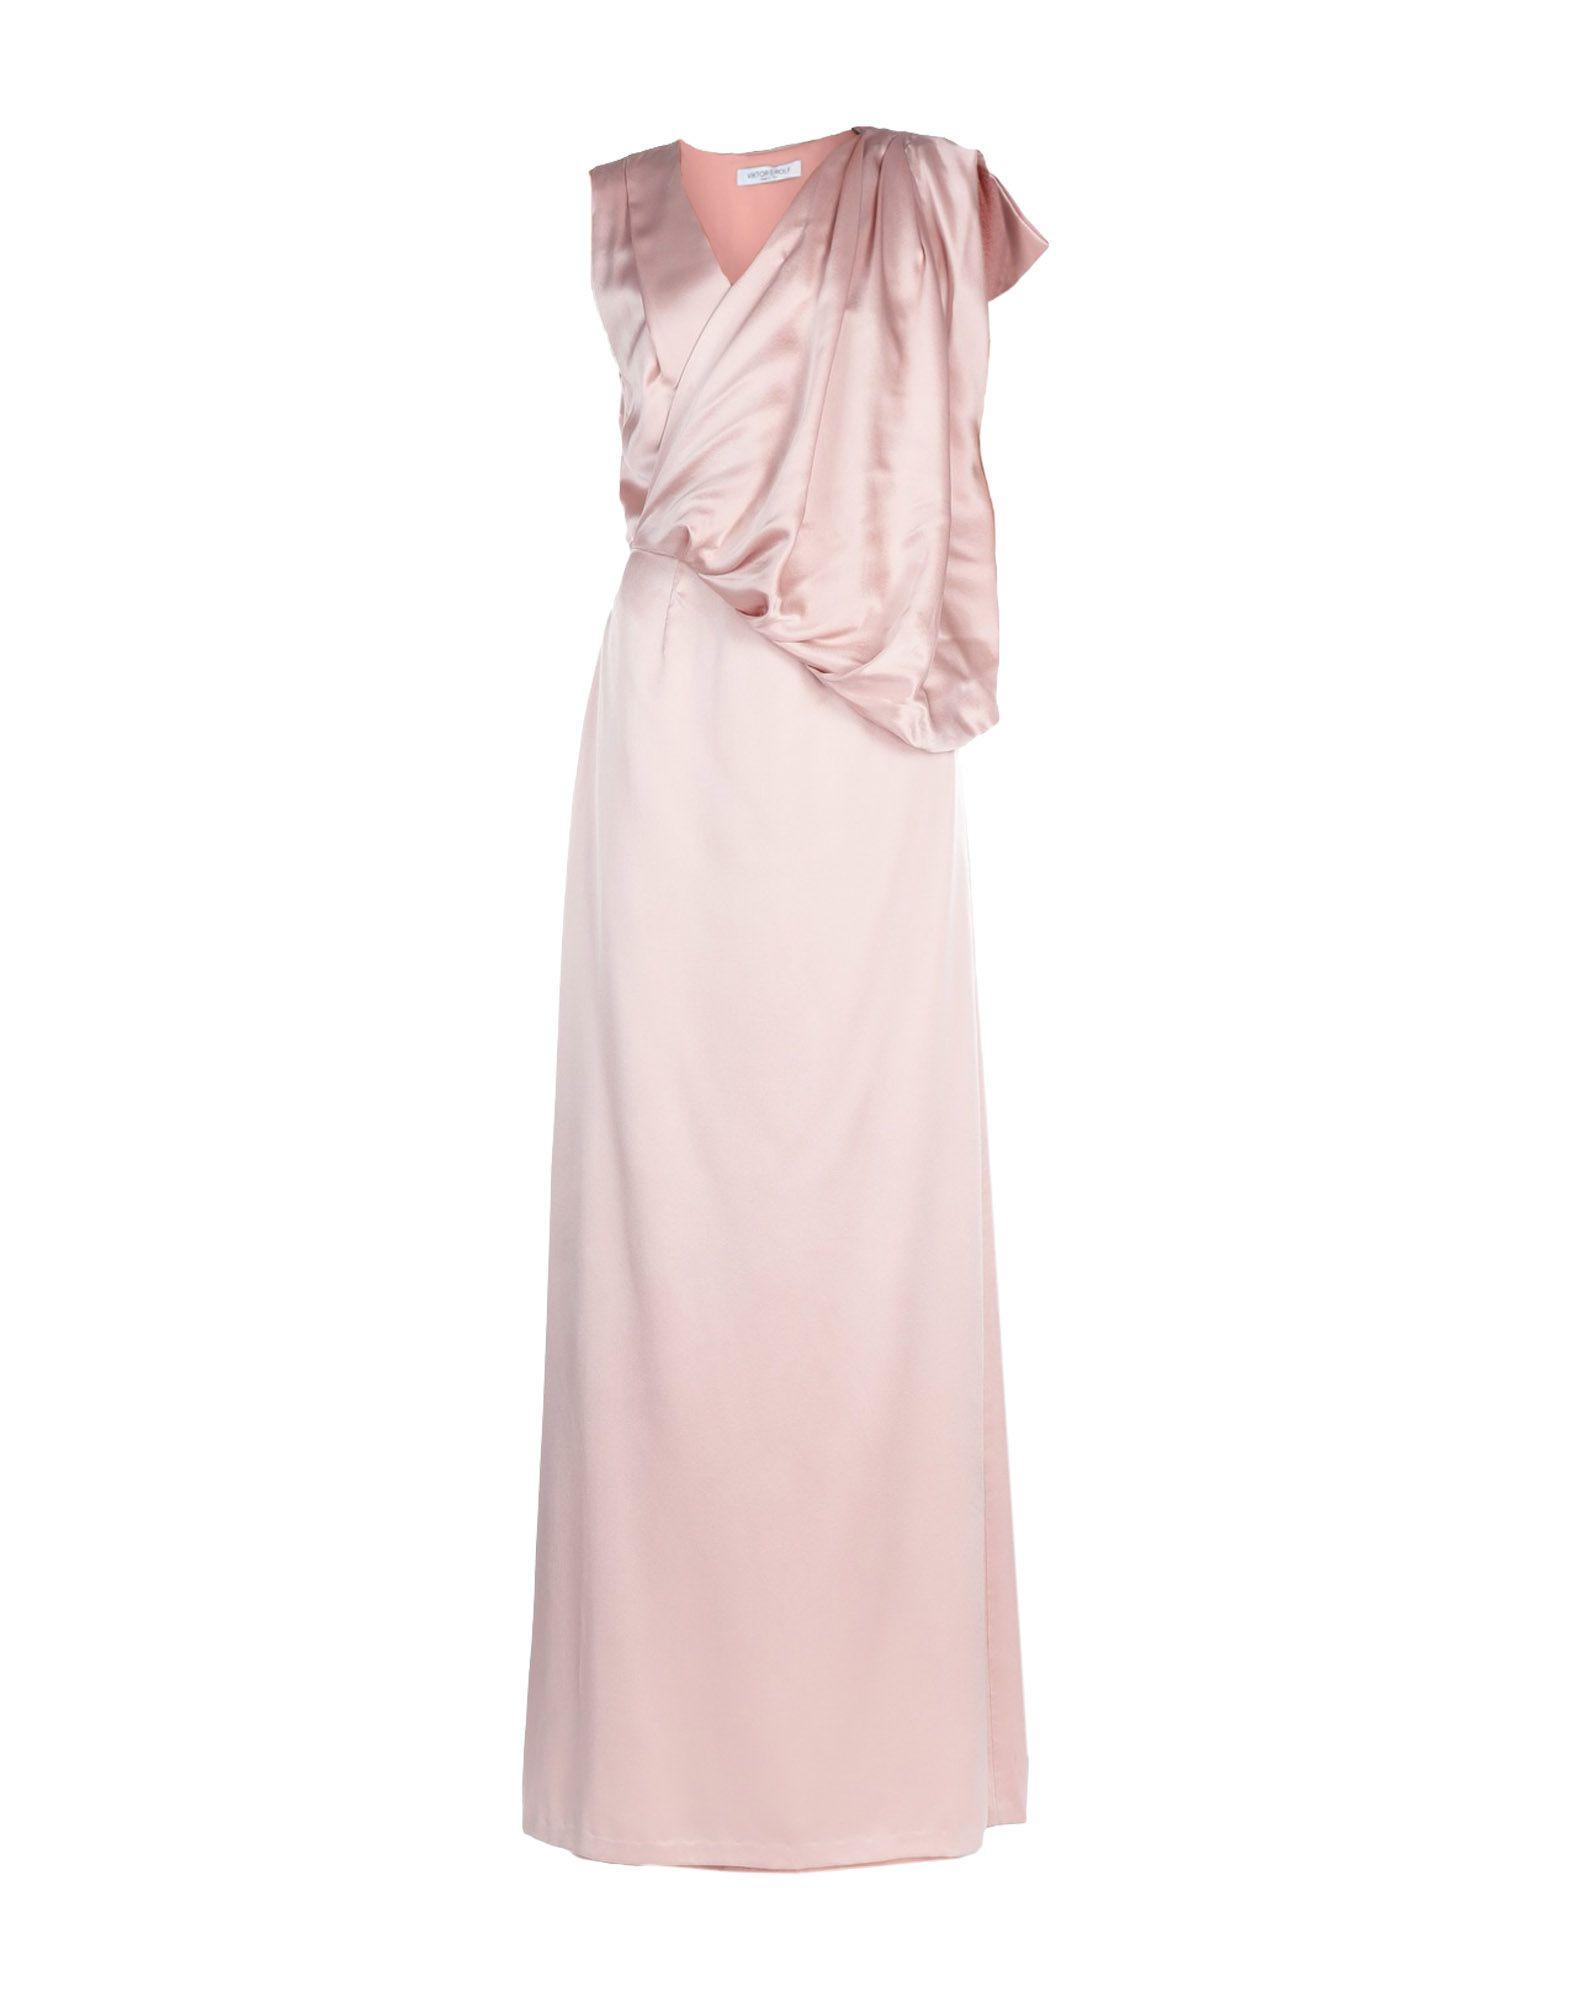 Top Abendkleider Yoox Stylish Top Abendkleider Yoox Boutique